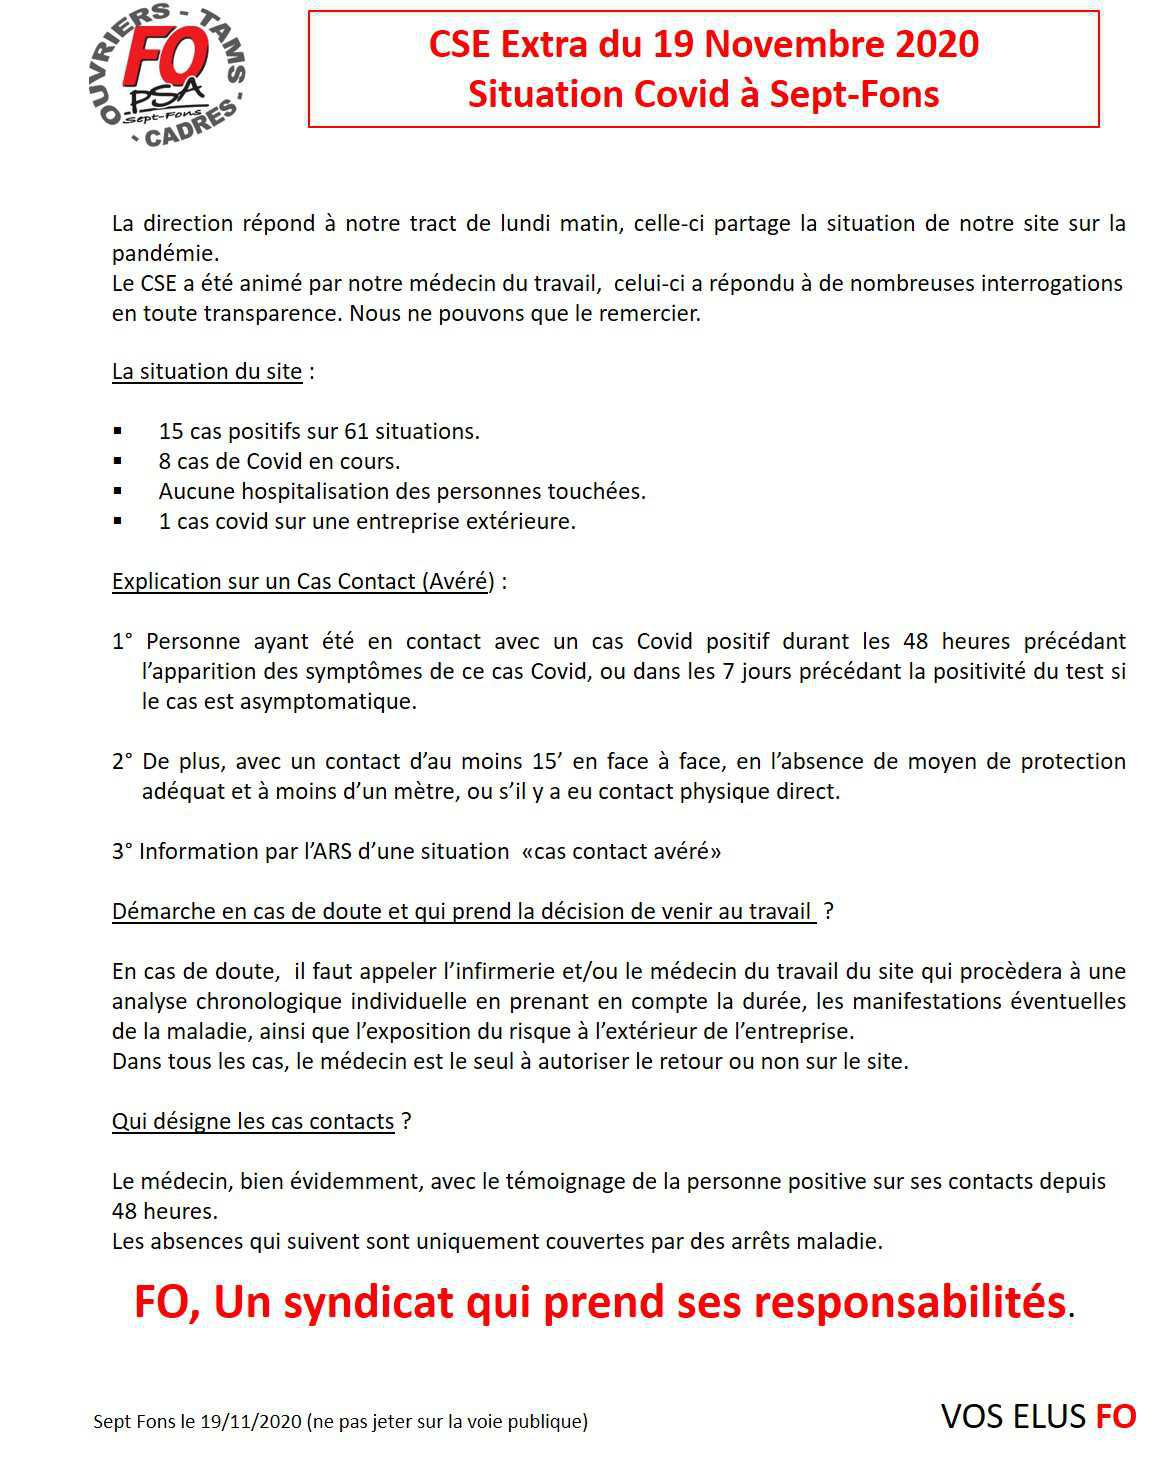 Compte rendu complet du CSE Extra du 19/11/2020.